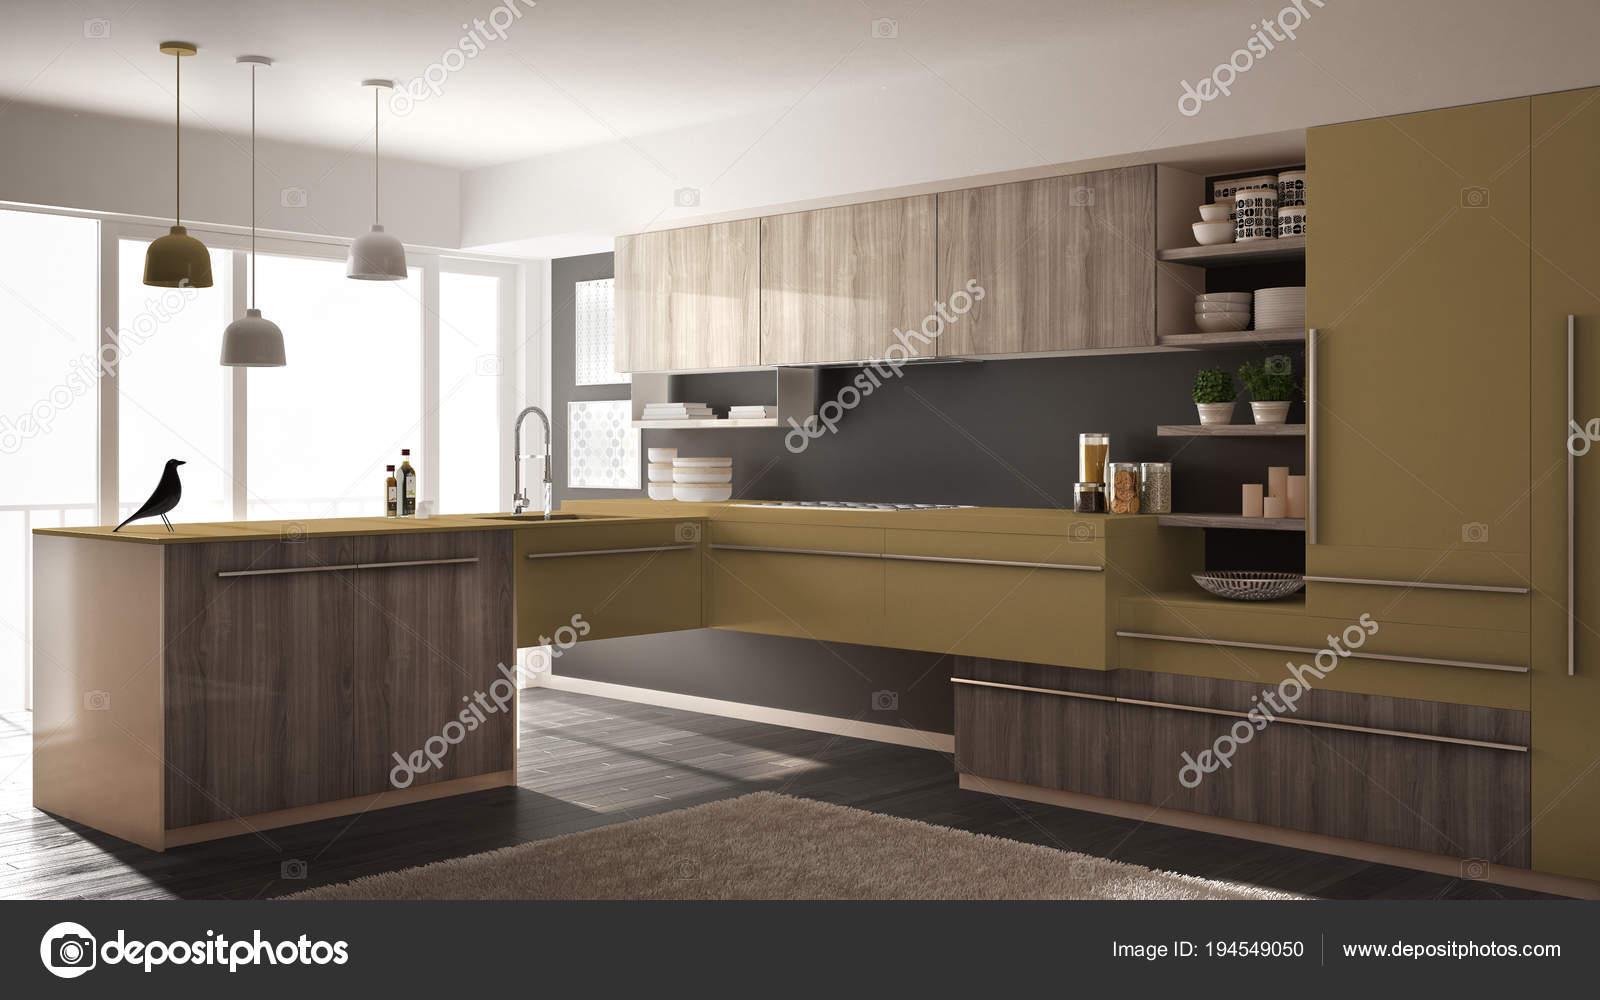 Geel De Keuken : Moderne minimalistische houten keuken met parketvloer tapijt en